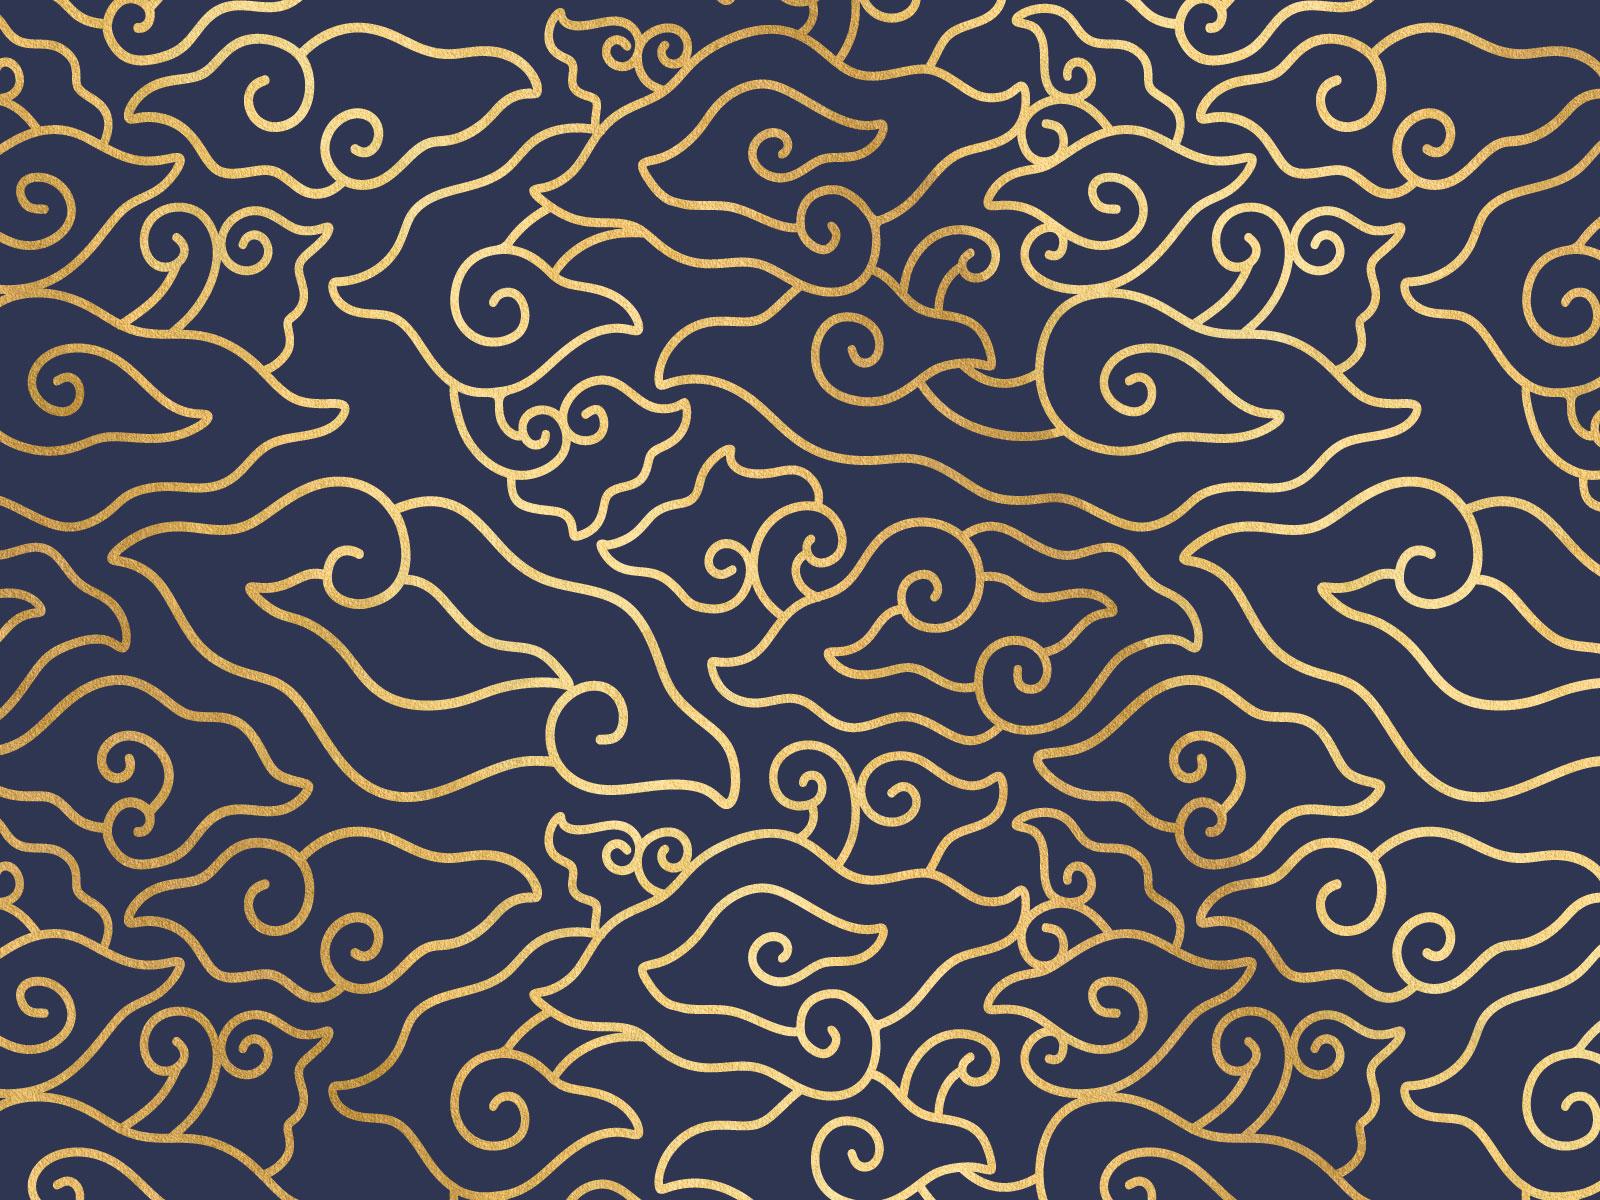 megamendung batik gold sketch pattern download free vectors clipart graphics vector art https www vecteezy com vector art 665571 megamendung batik gold sketch pattern